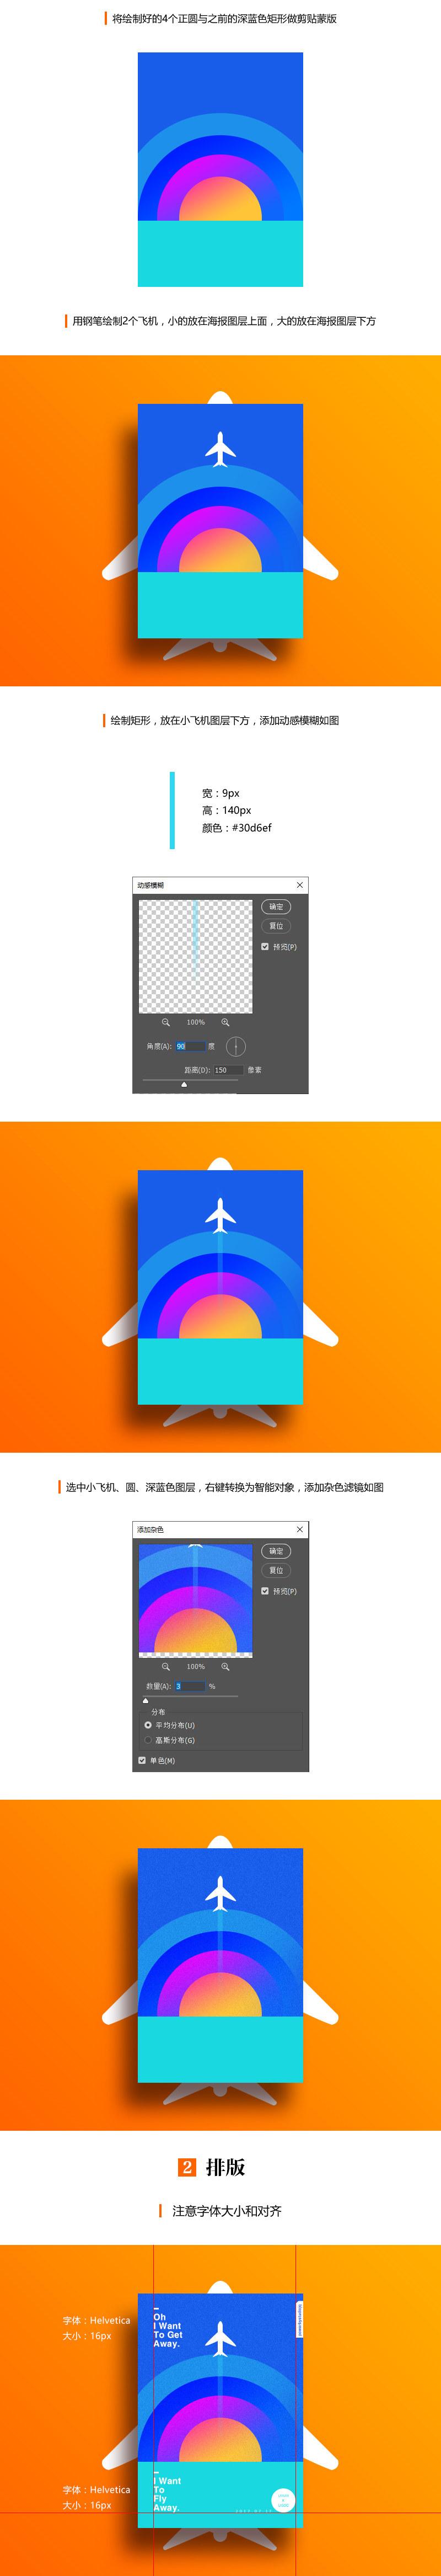 配色海报!制作橙黄+宝蓝互补配色海报